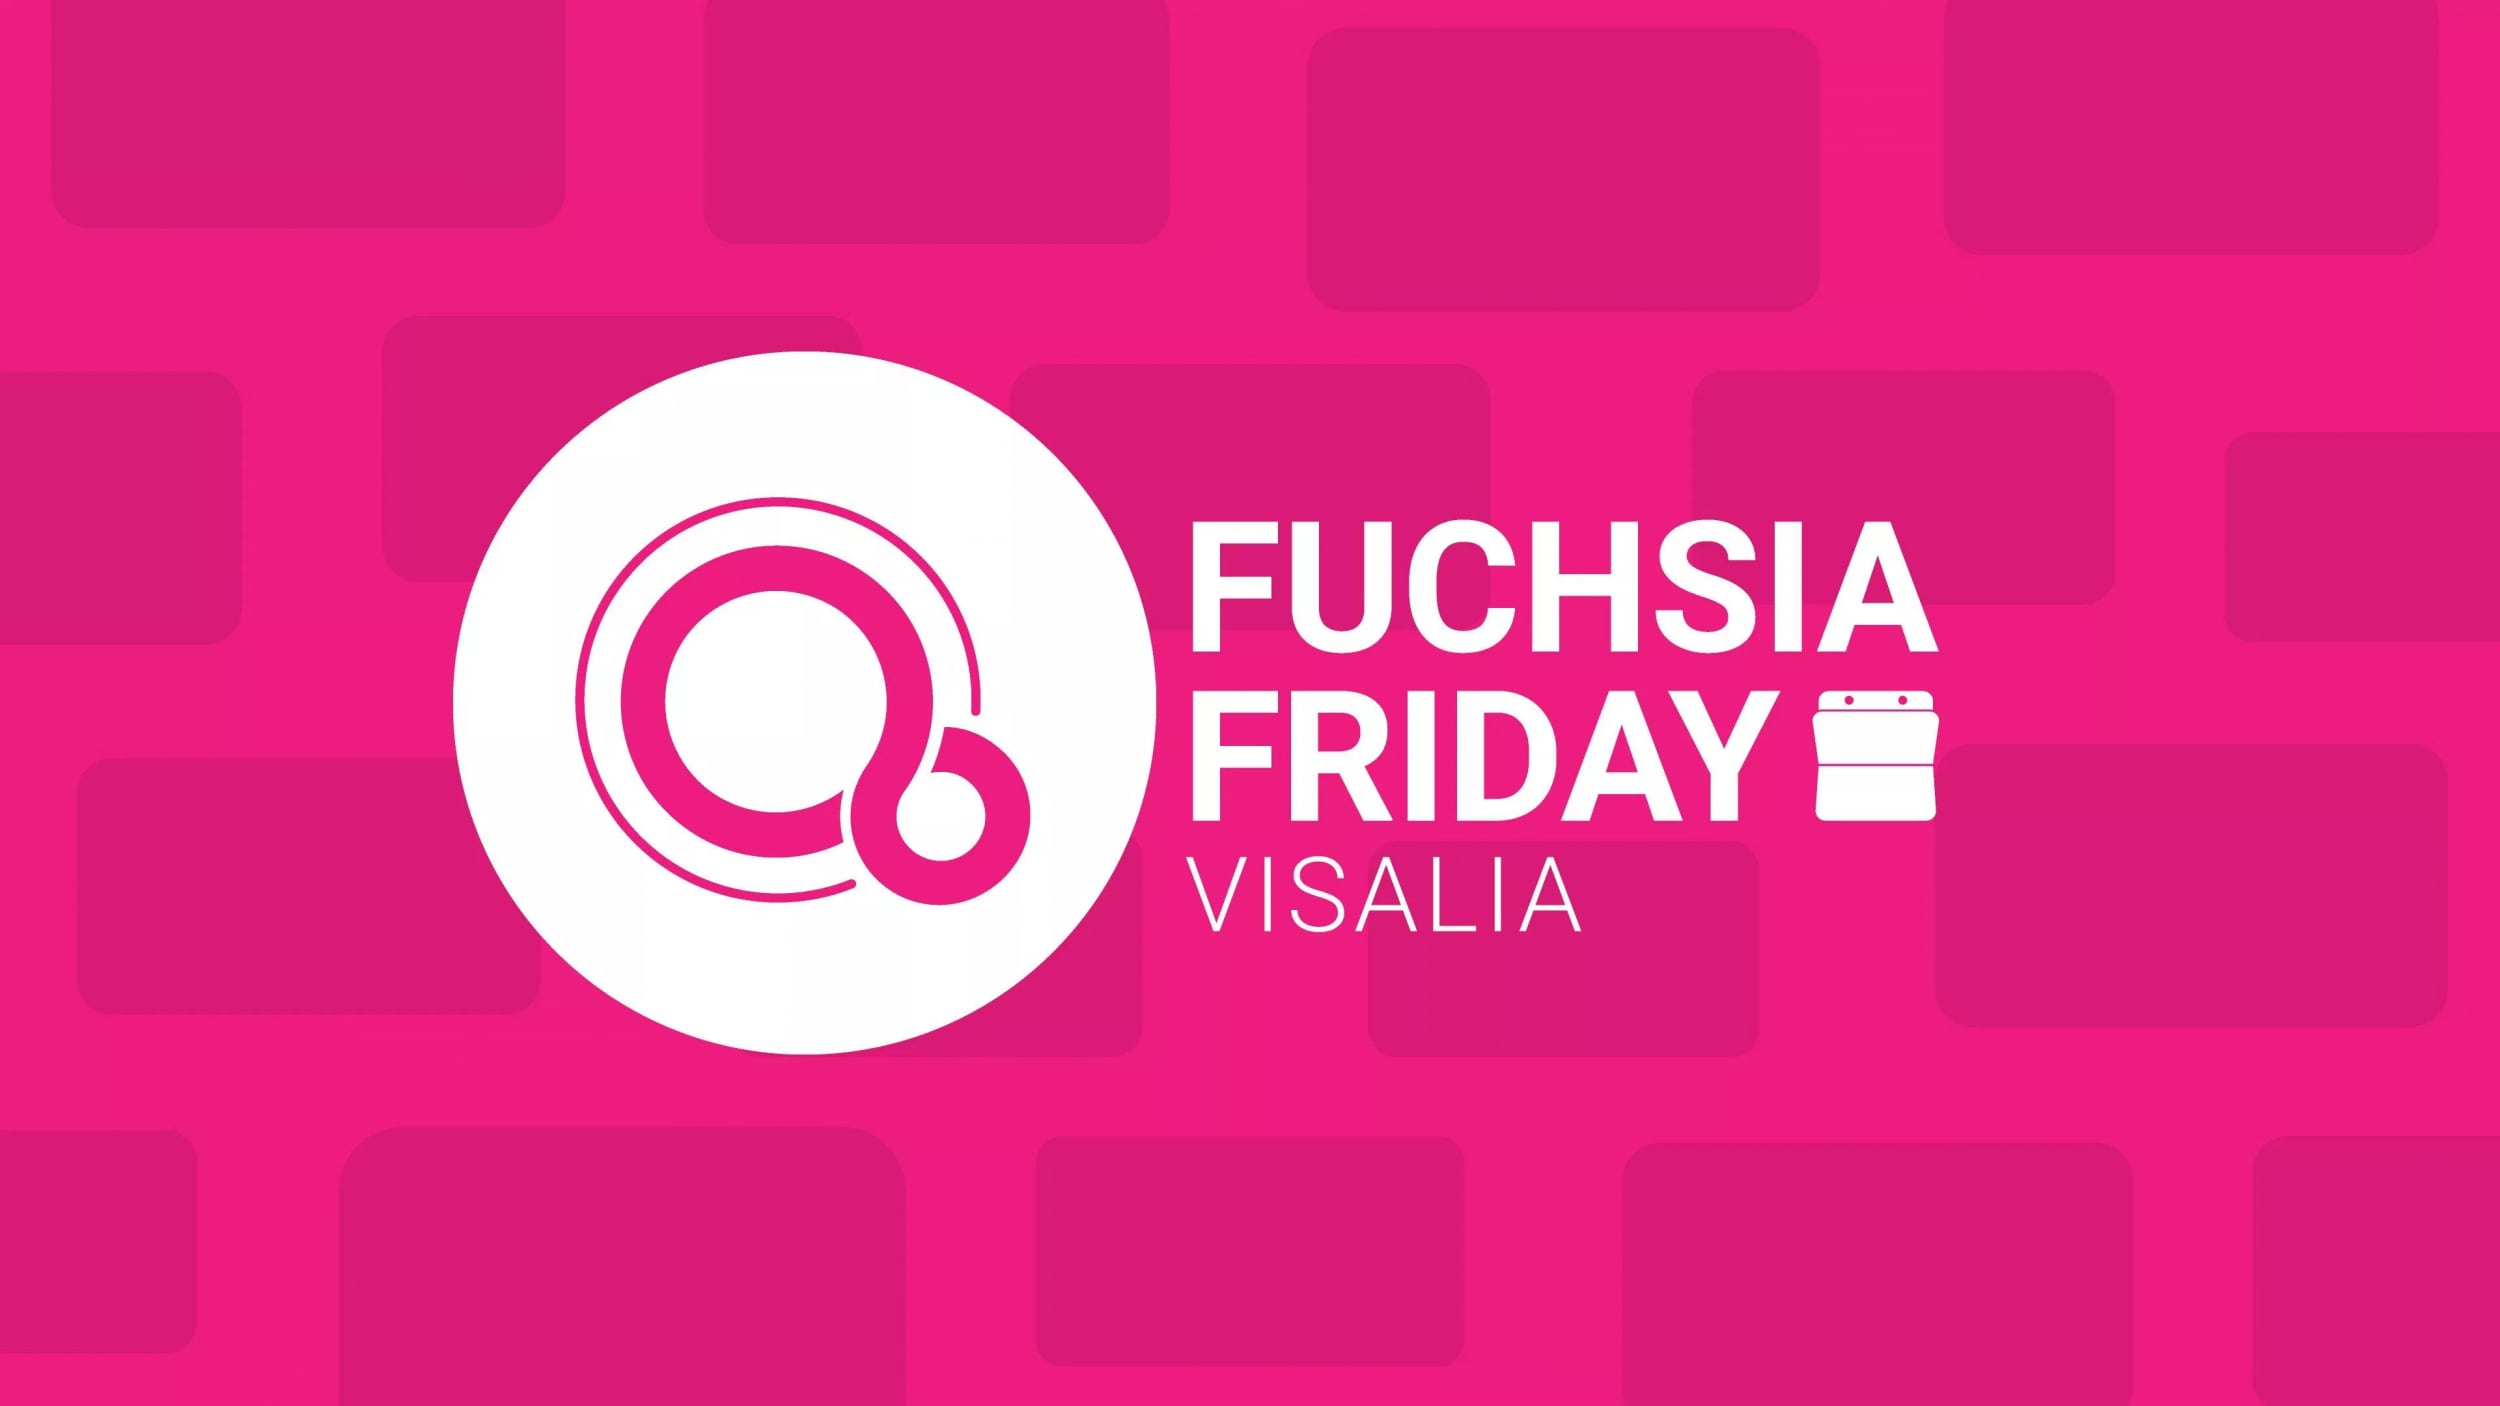 Nel codice di Fuchsia spunta Visalia: di cosa si tratta?